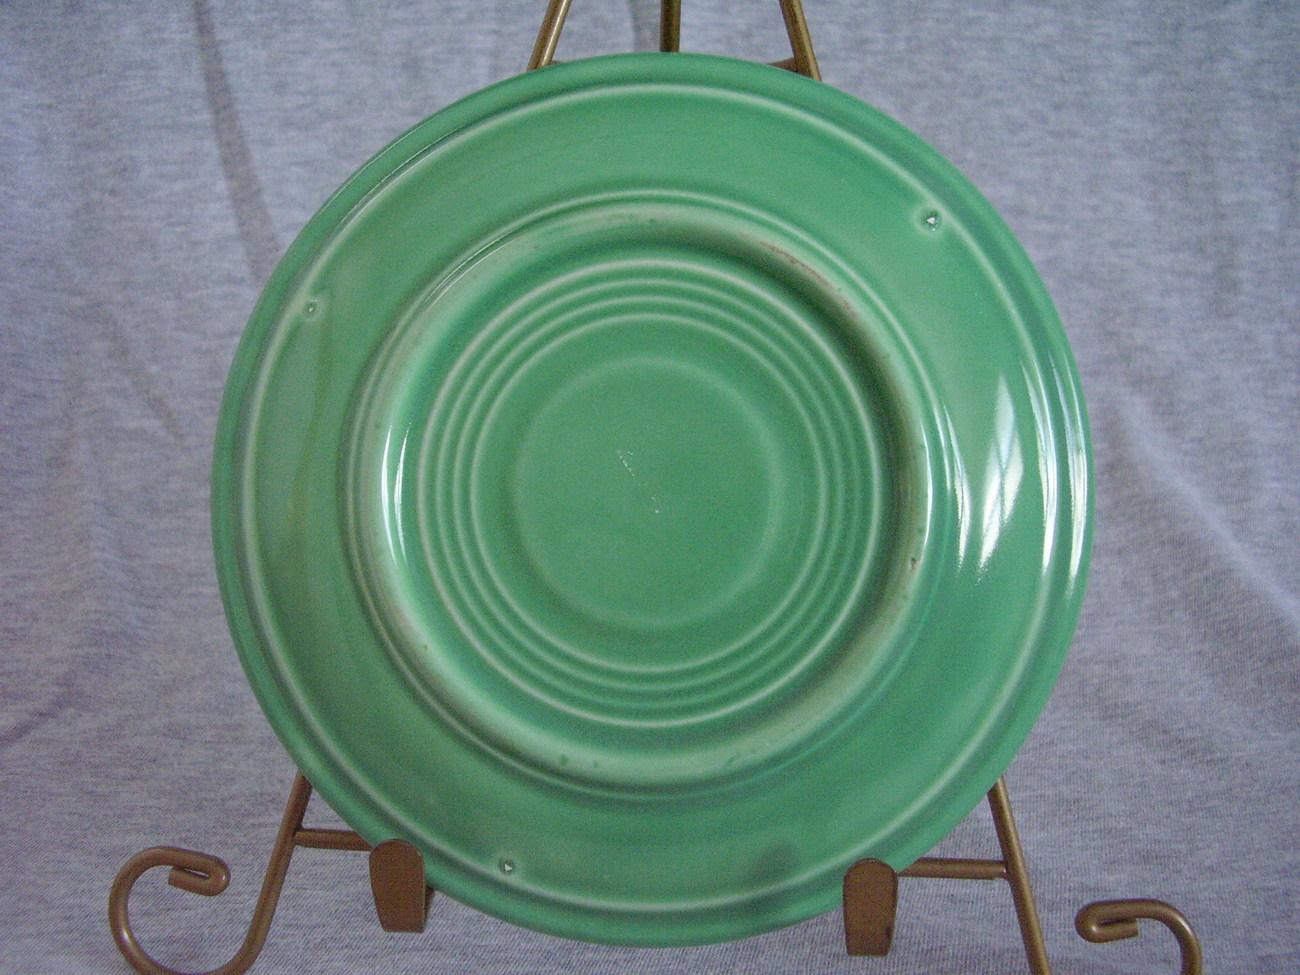 Vintage Fiestaware Original Green Saucer Fiesta  E